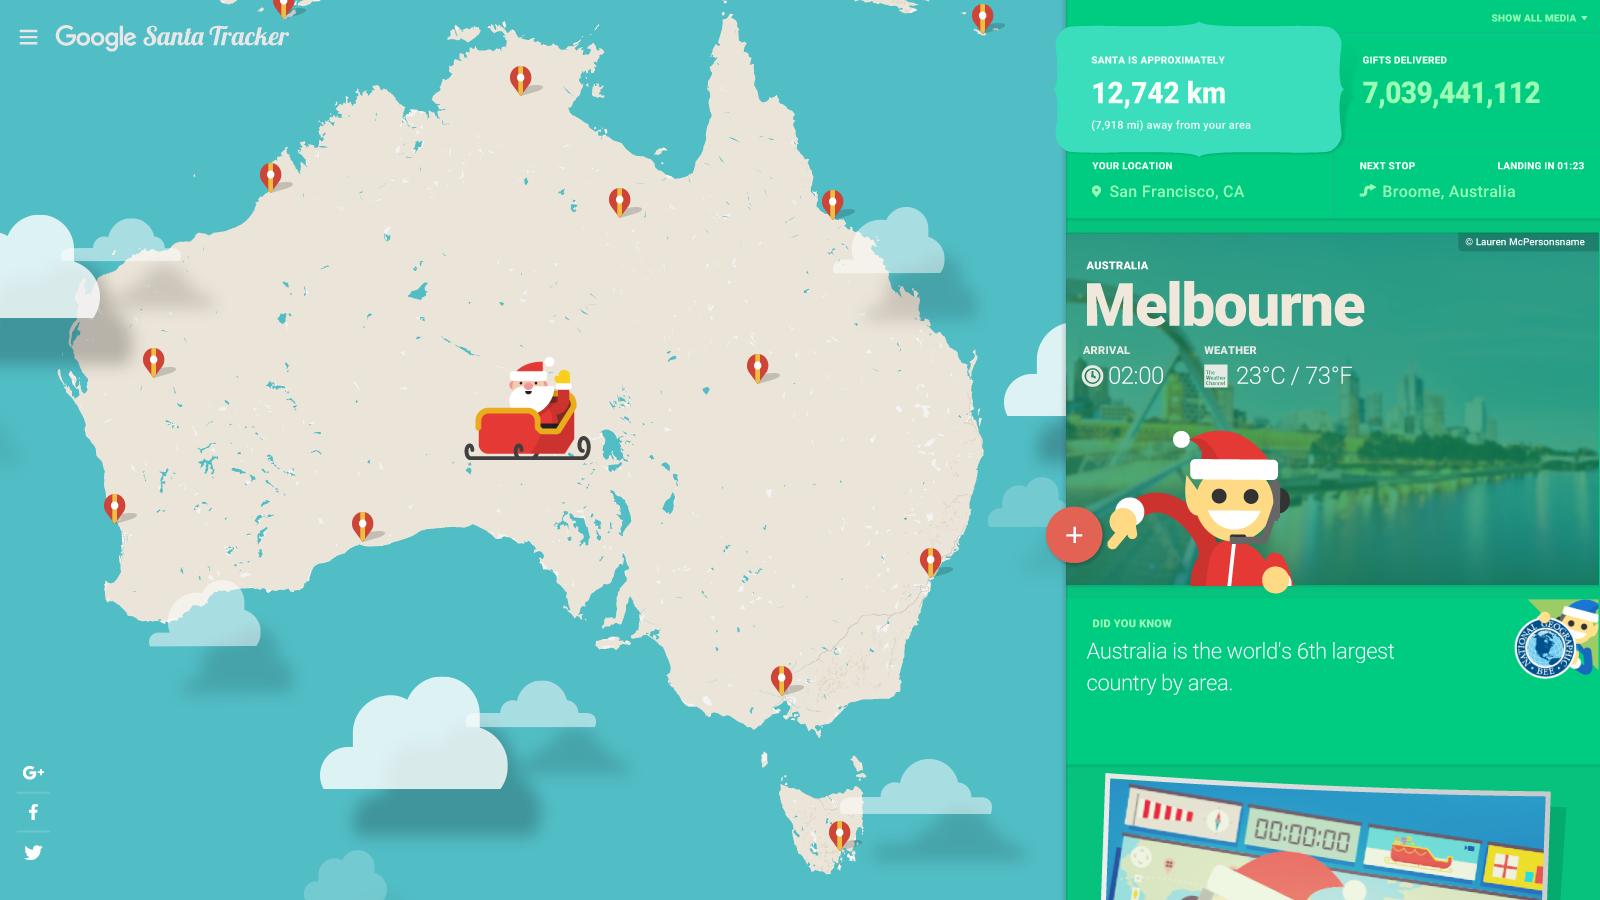 2018's Santa Tracker